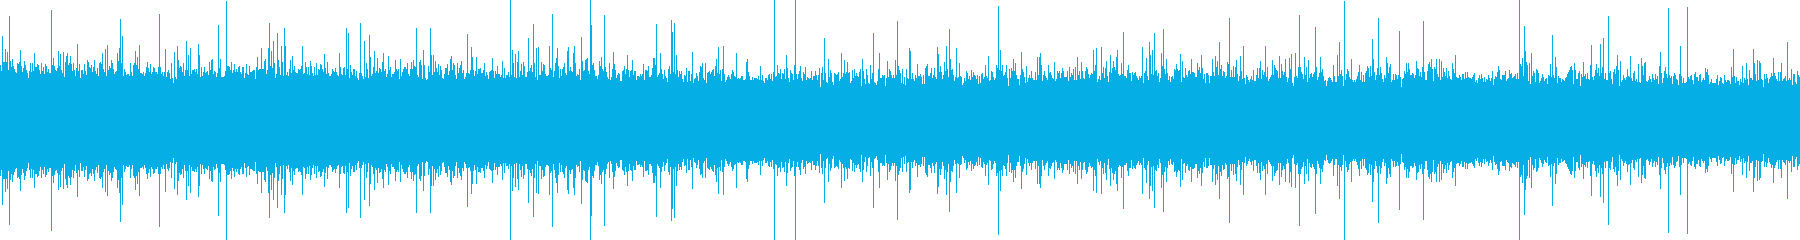 ザーッ(土砂降りの雨音)の再生済みの波形